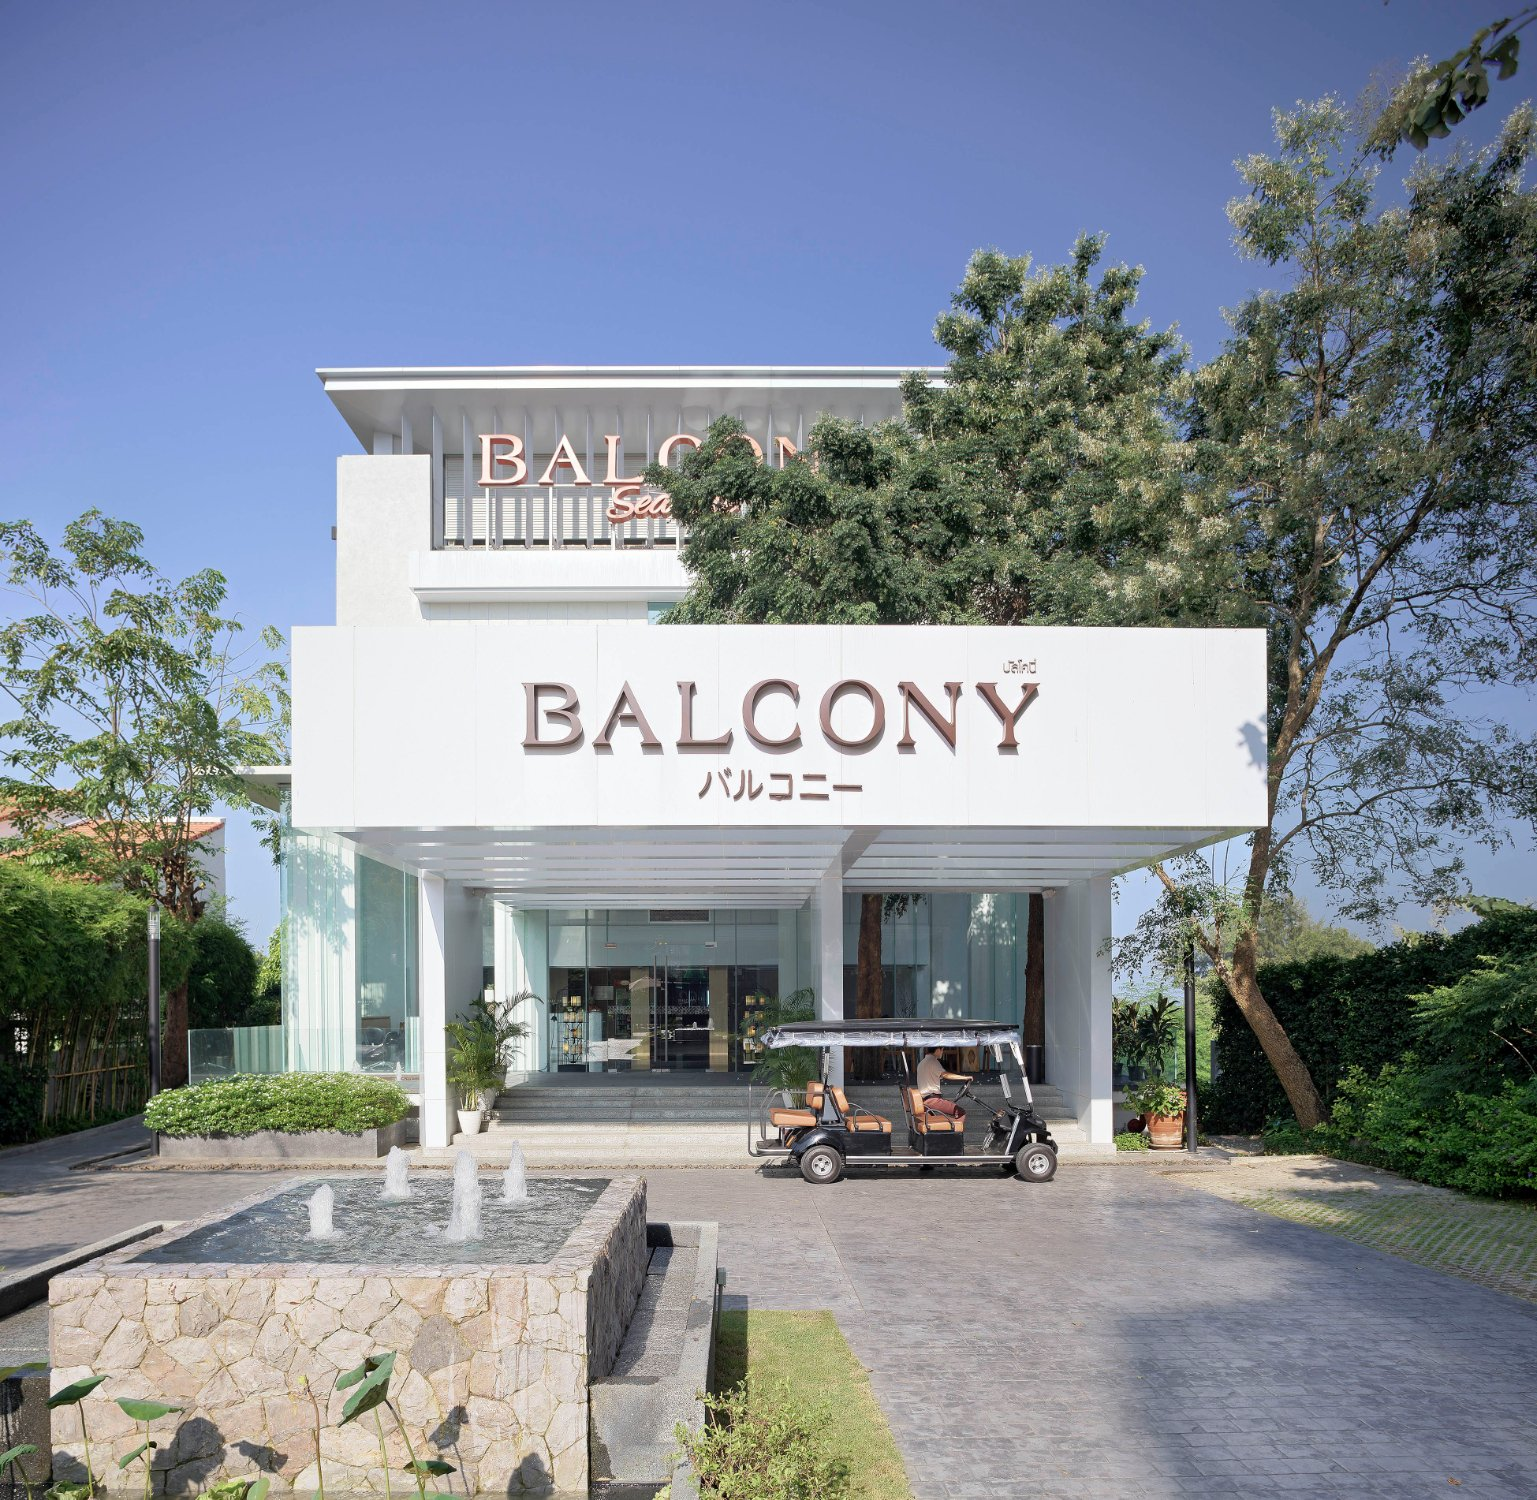 Balcony Seaside